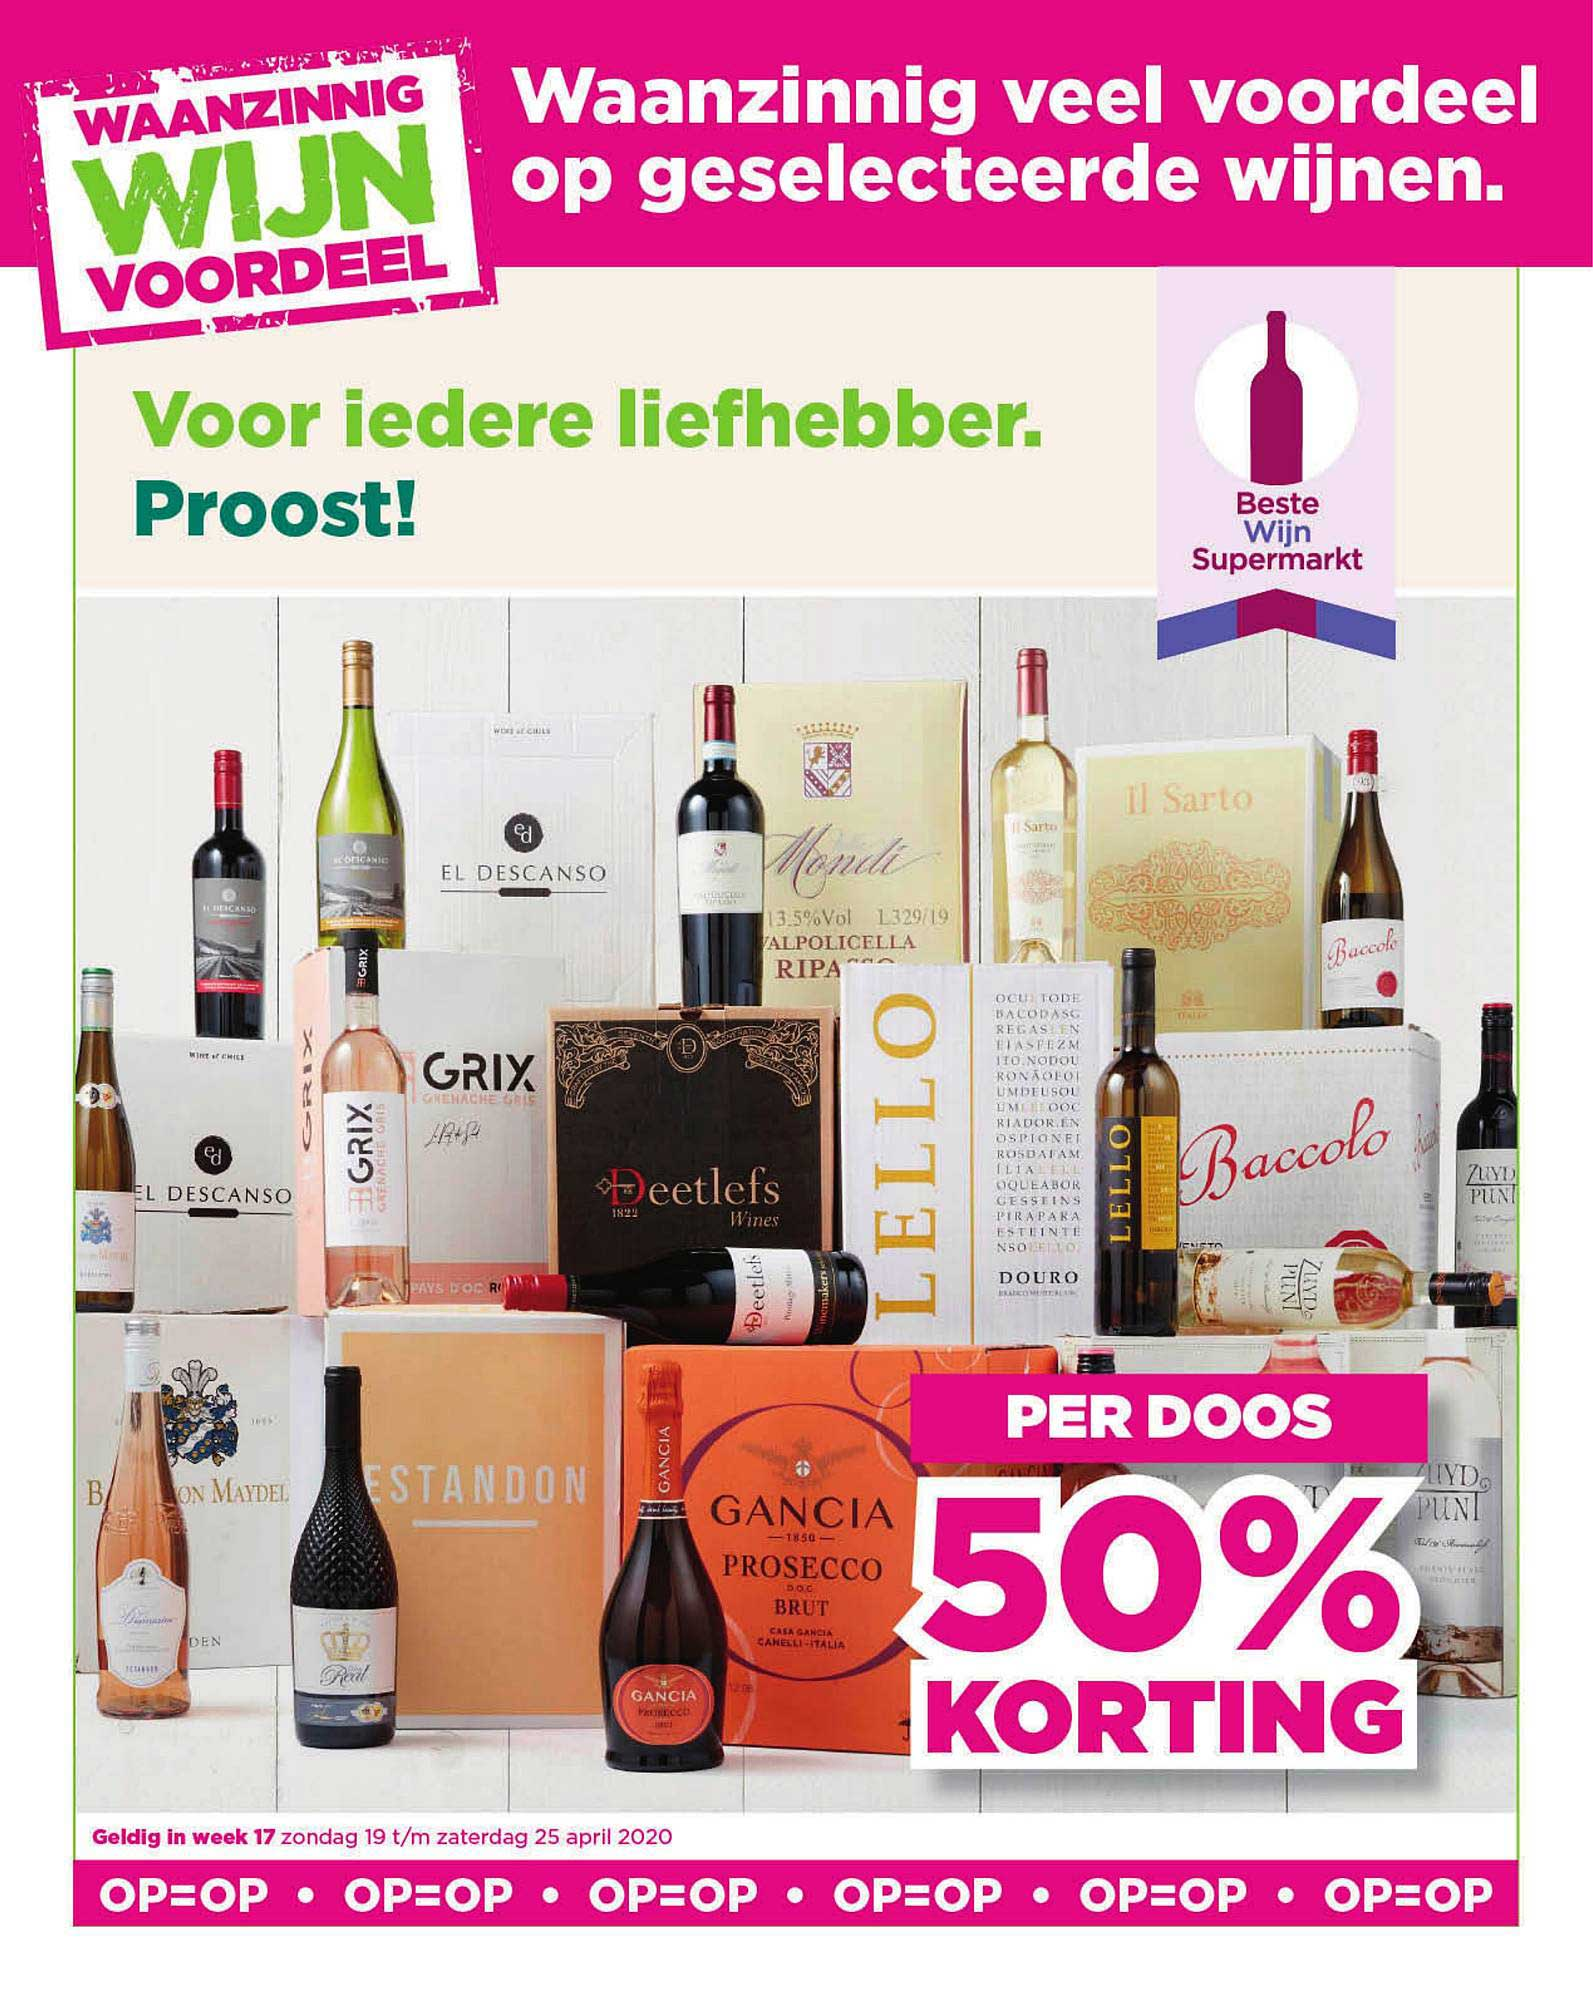 PLUS Waanzinnig Wijn Voordeel: Per Doos 50% Korting